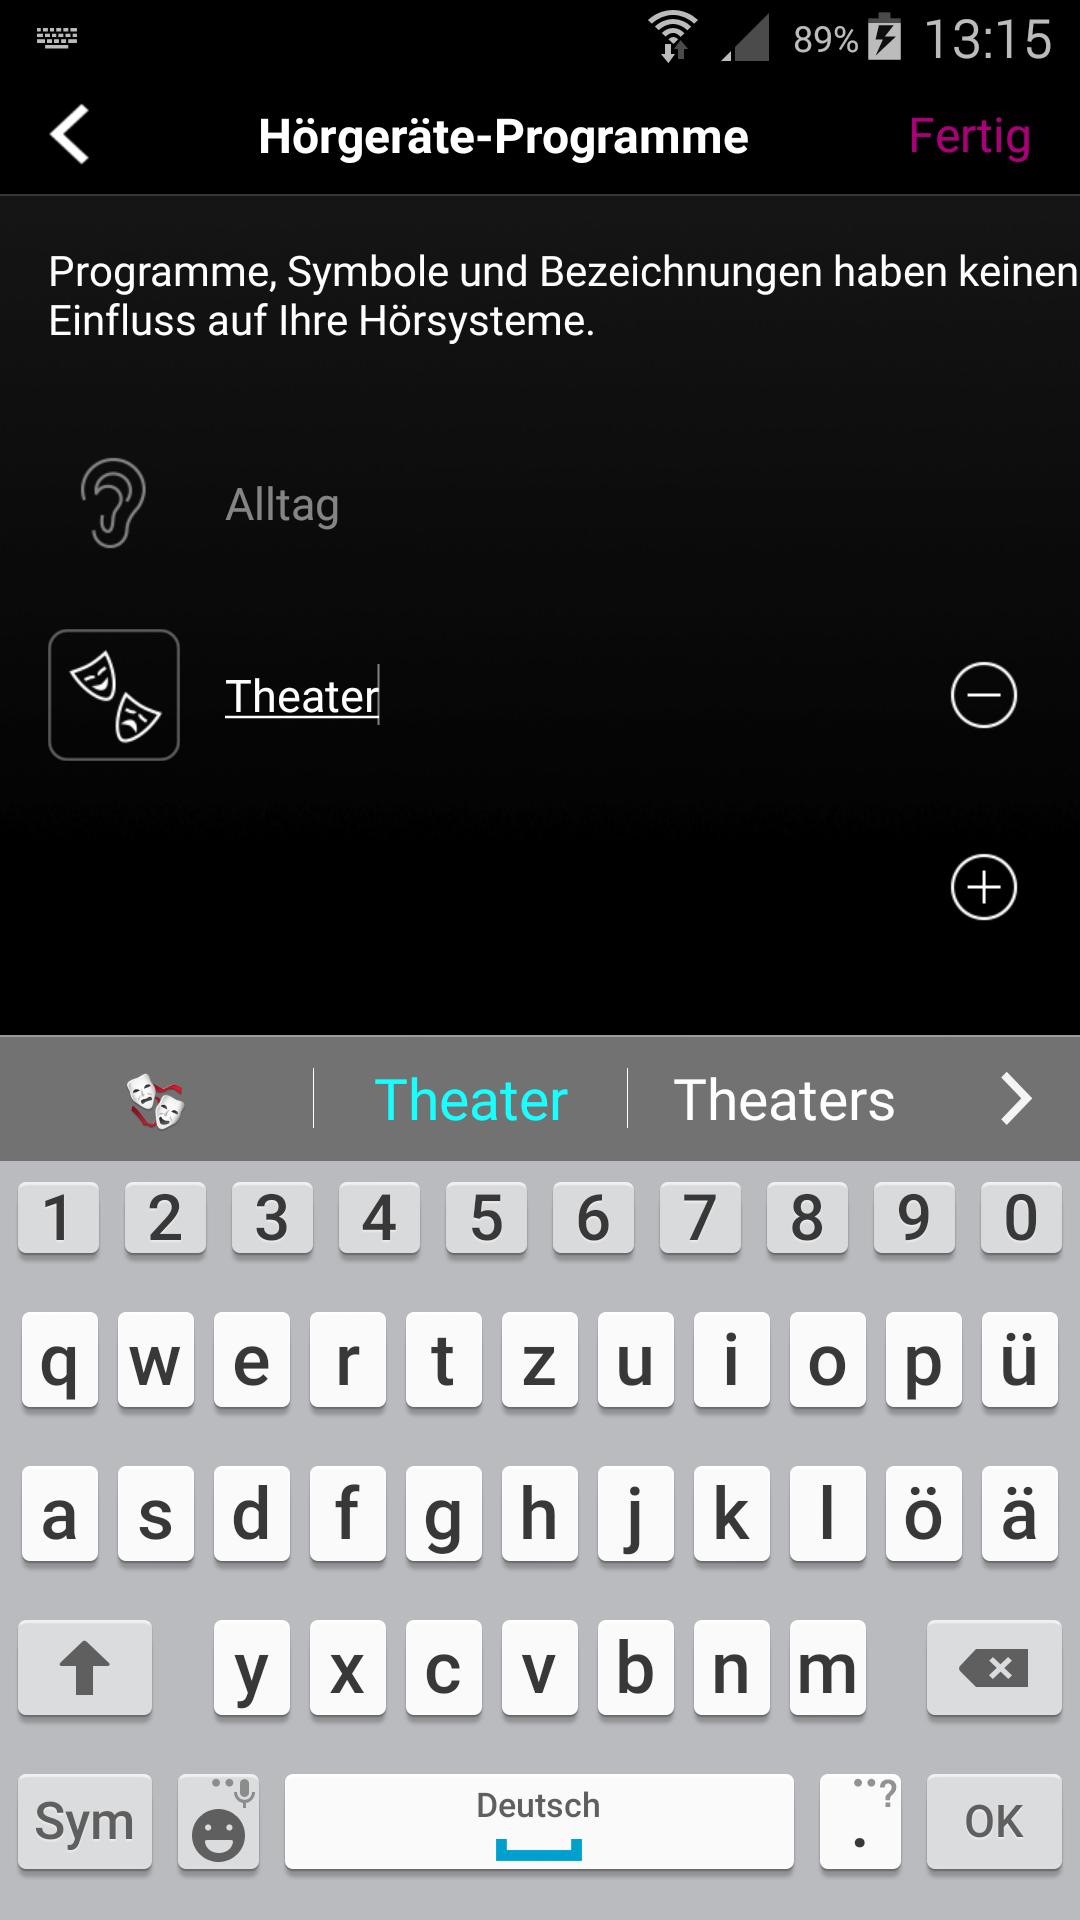 Falls Sie ein Programm für Theater-Besuche haben, können Sie in der App das Programm passend beschriften und das dazugehörige Bild auswählen.